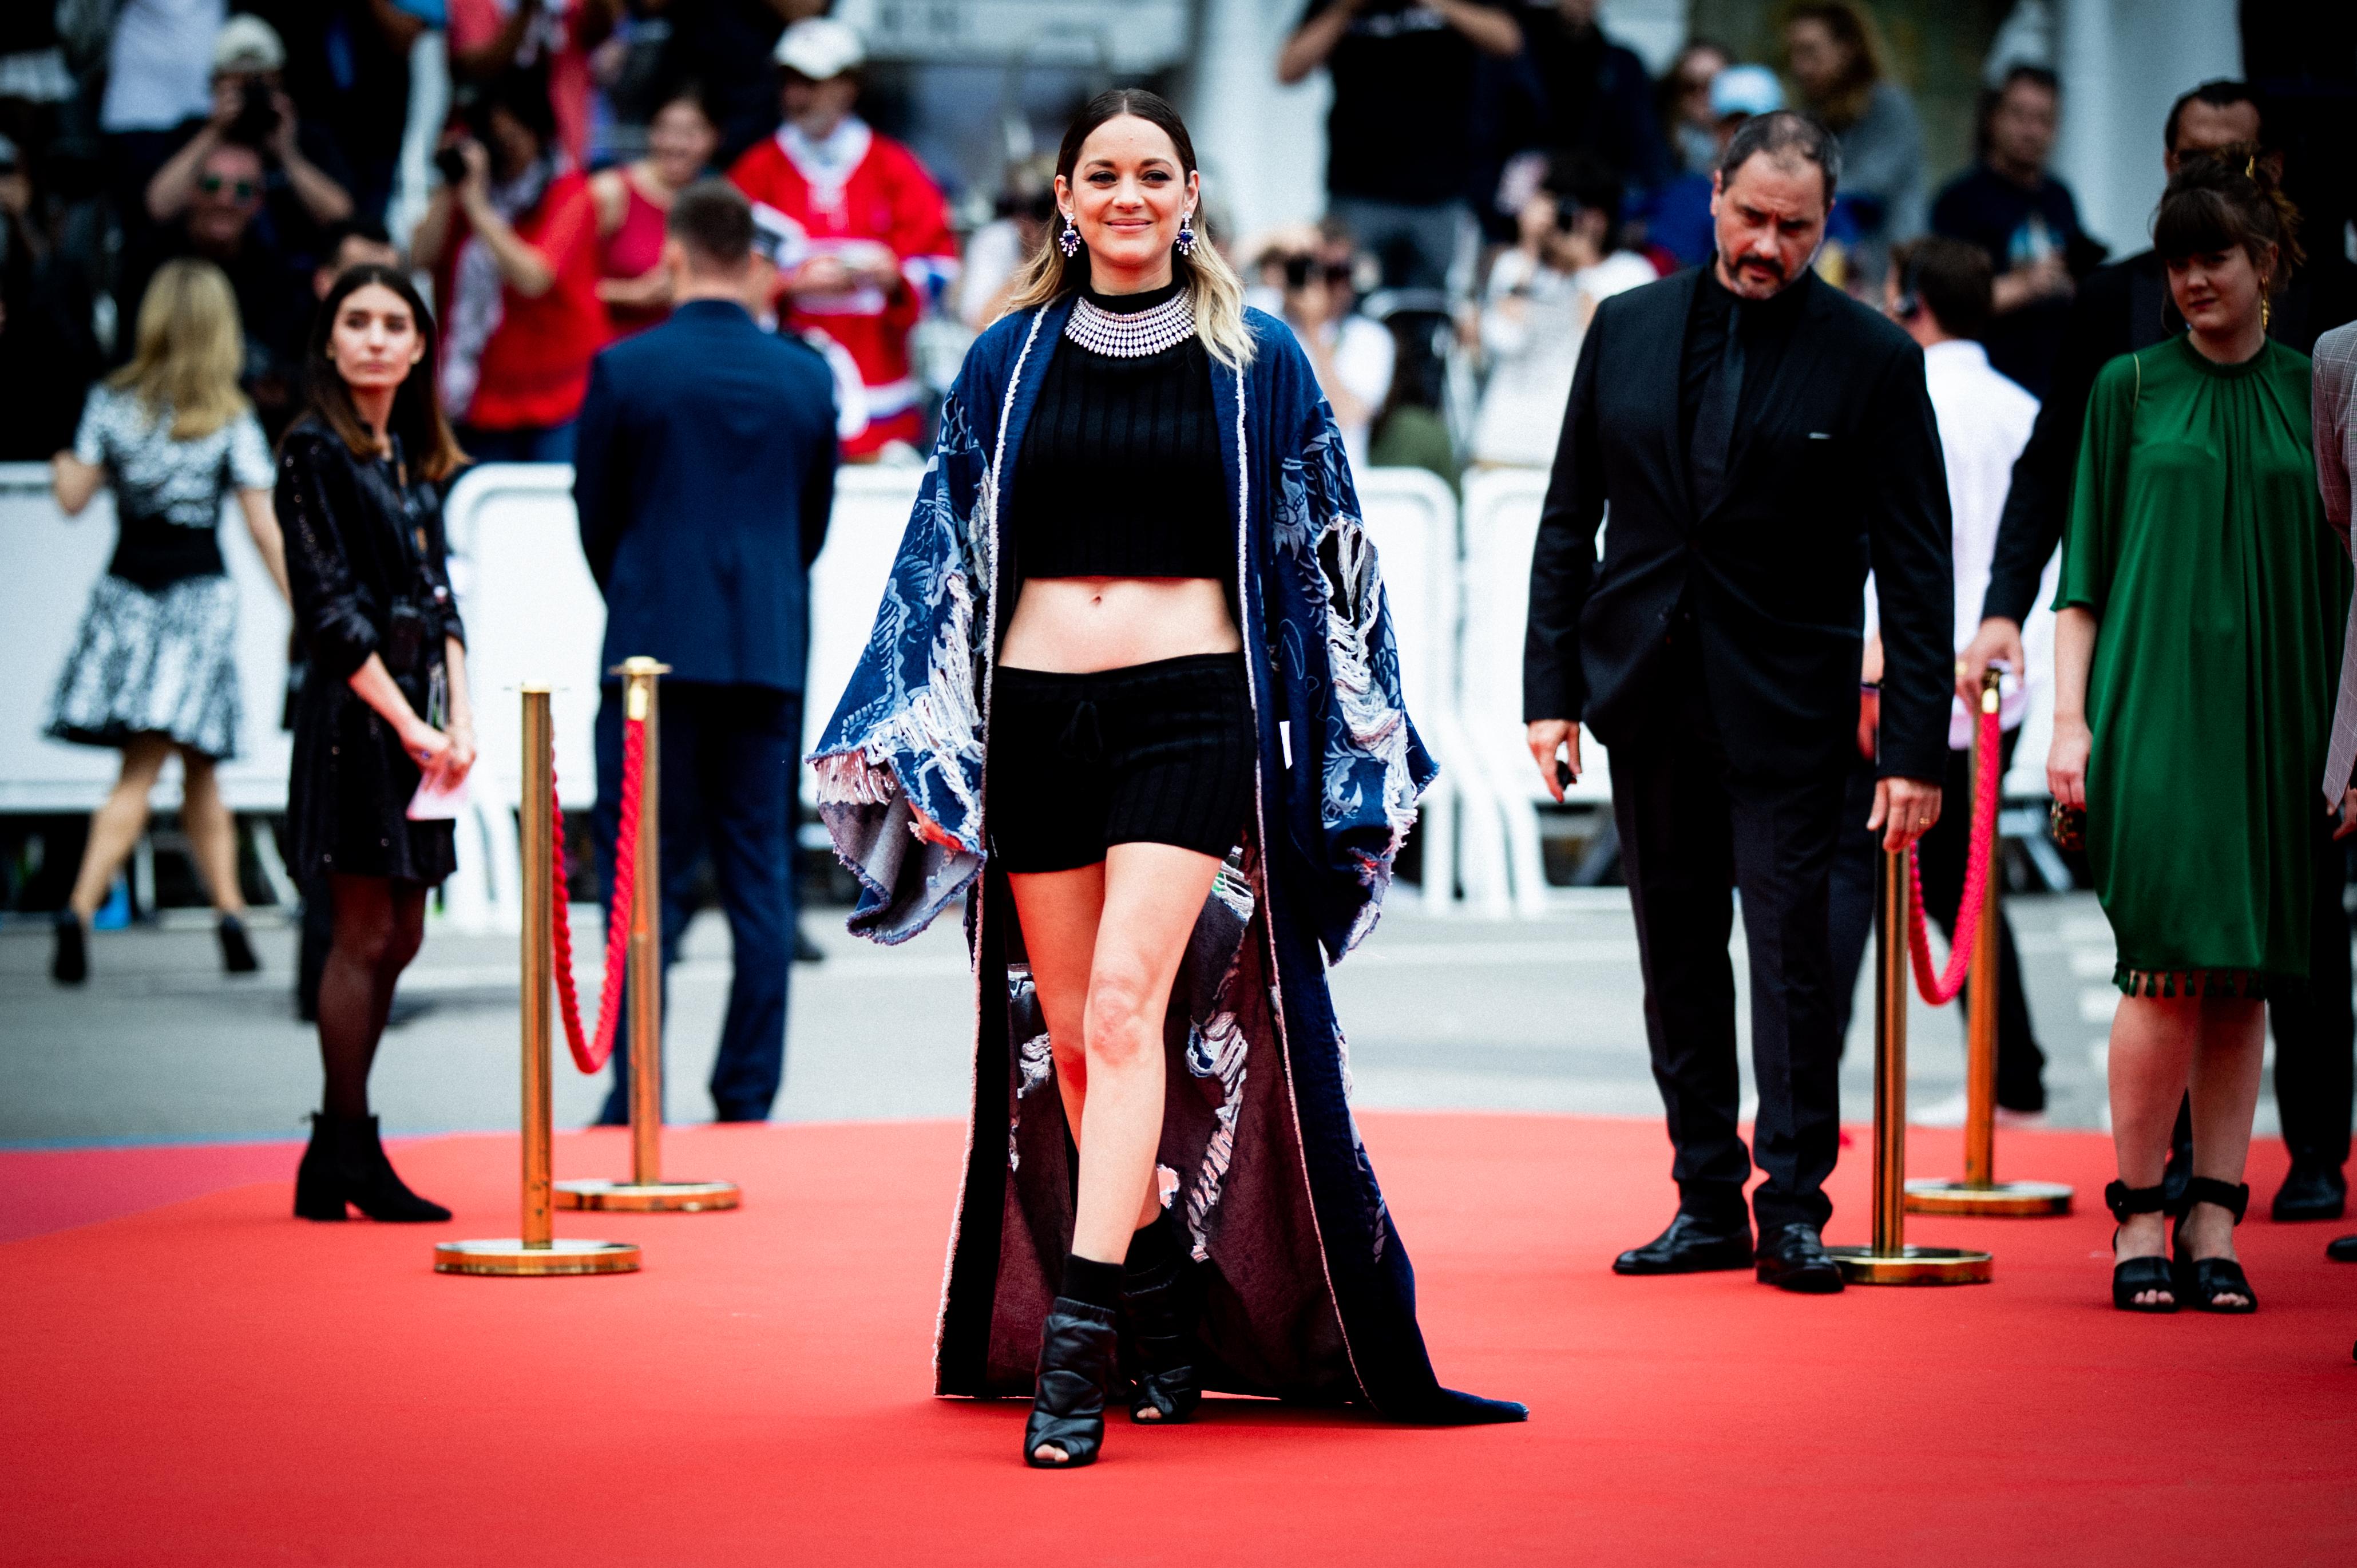 Марион Котияр е следващата звезда, решила да наруши строгите правила на червения килим в Кан по време на филмовия фестивал там. Целият подход, от начало до край, истински ни изумява.